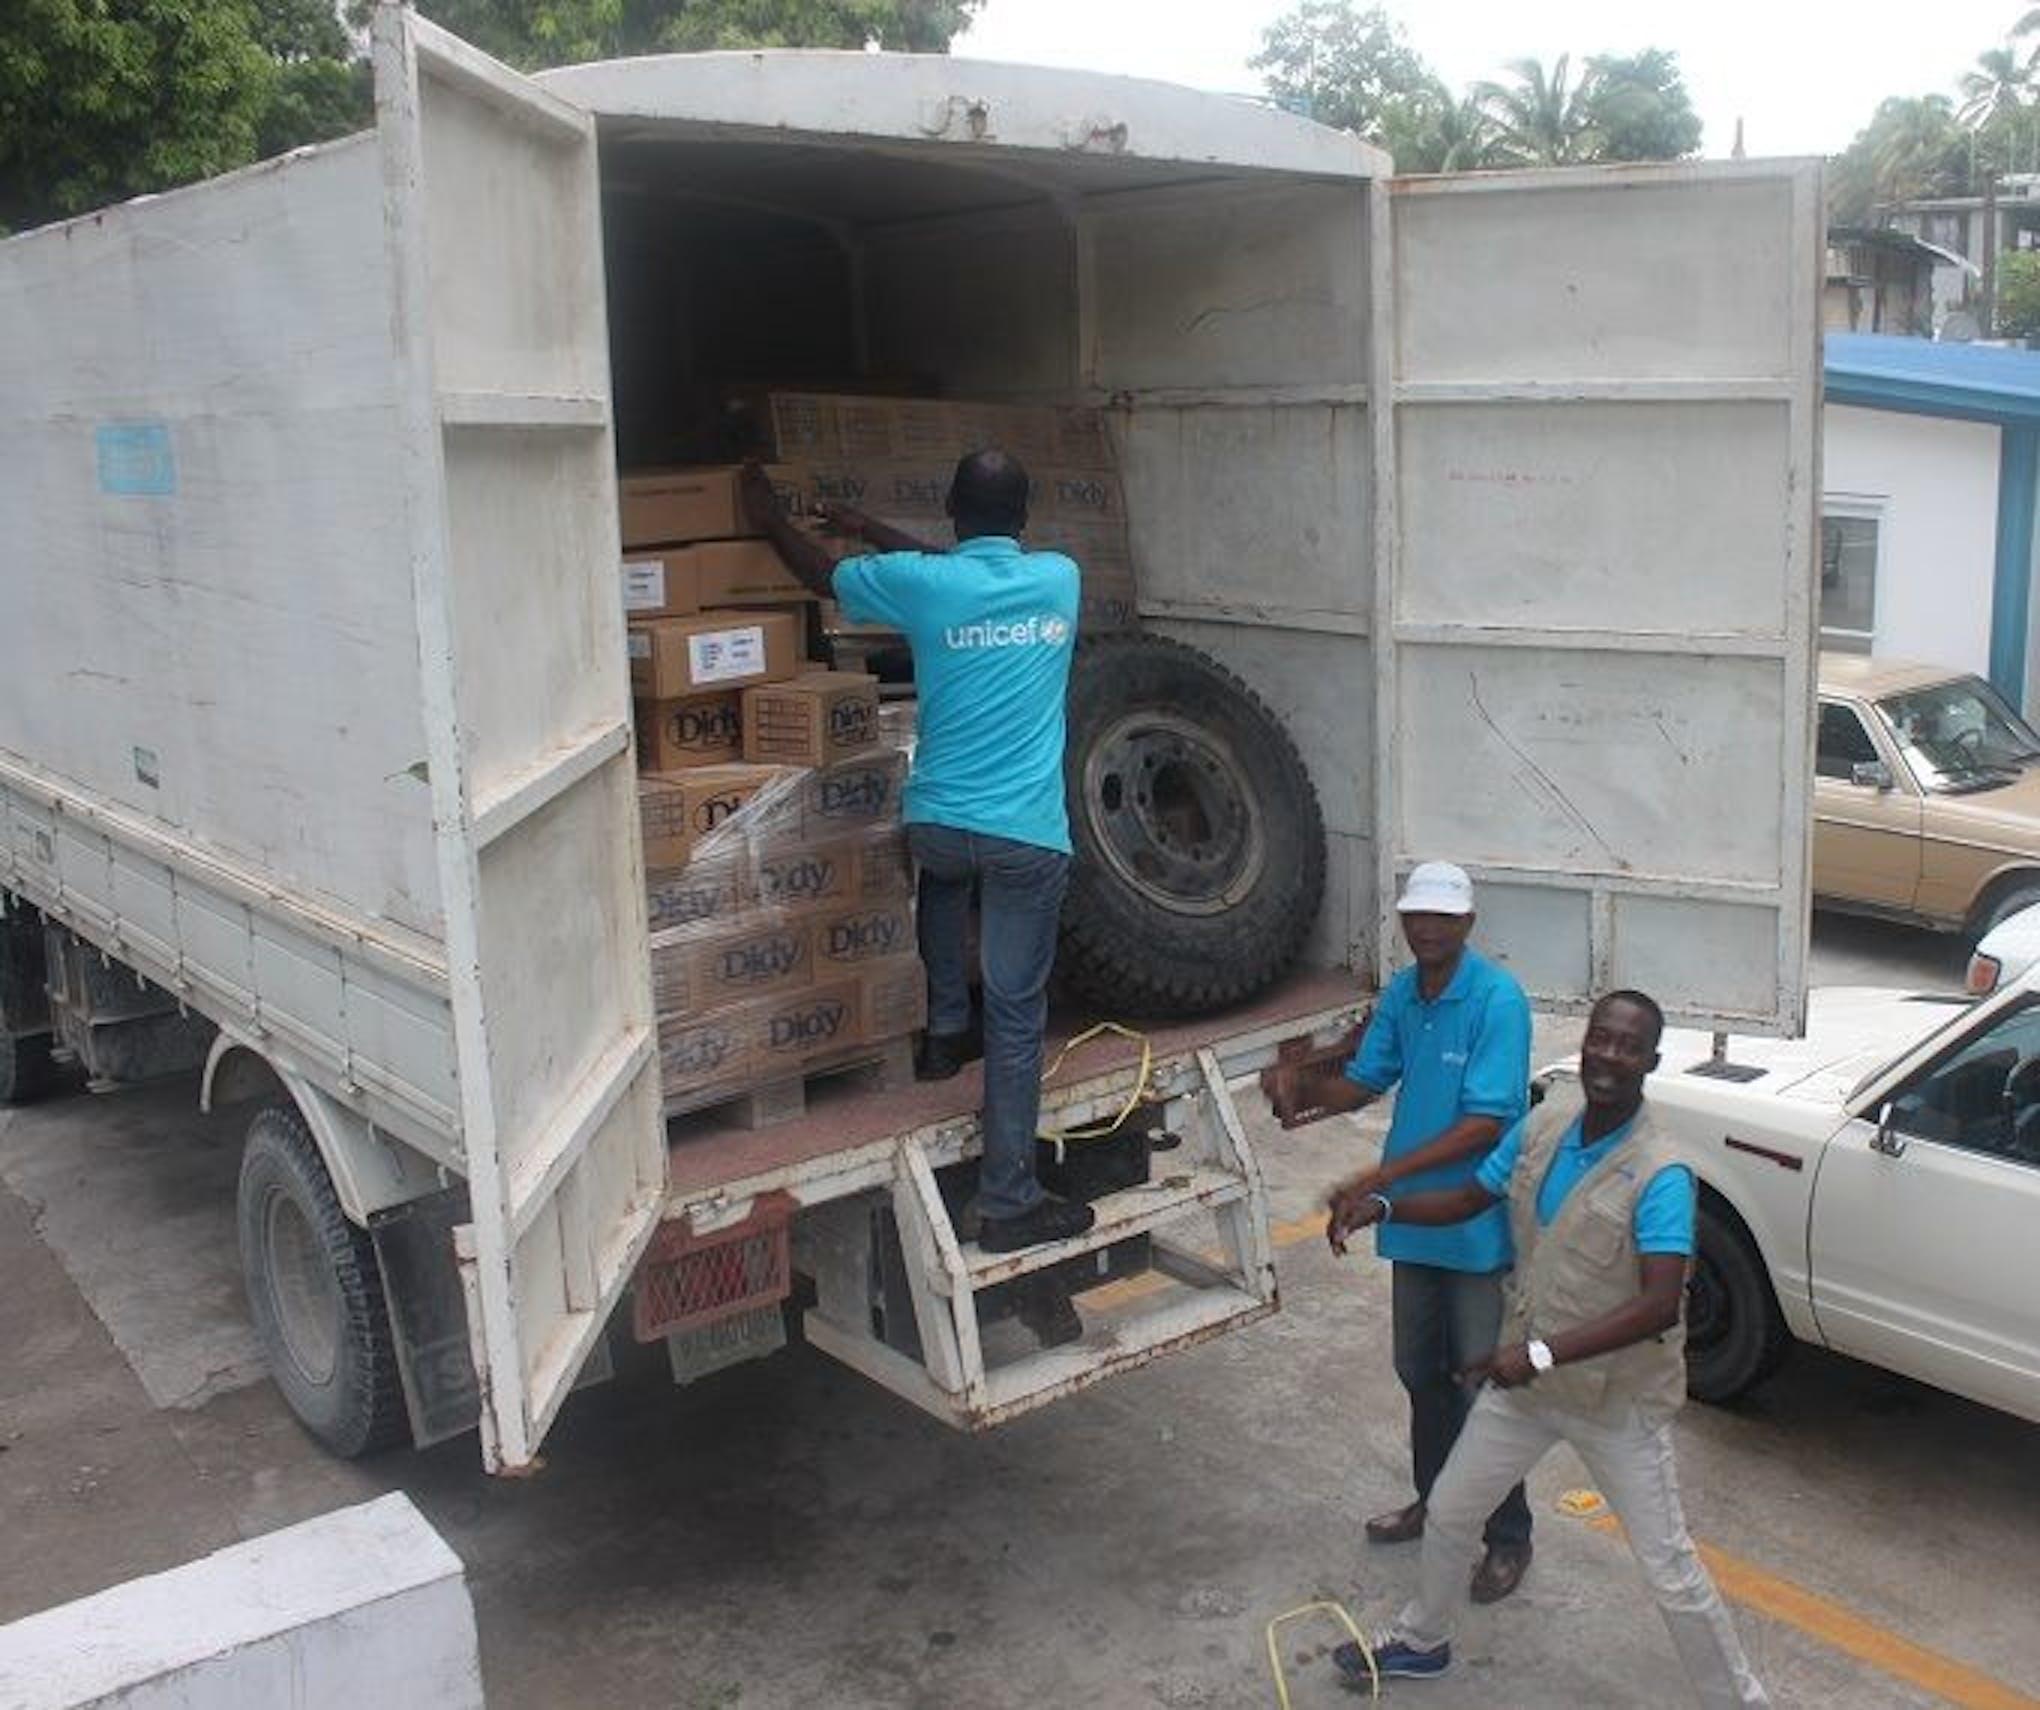 Un camion di aiuti umanitari dell'UNICEF viene caricato prima della partenza verso la regione meridionale di Haiti - ©UNICEF Haiti/2016